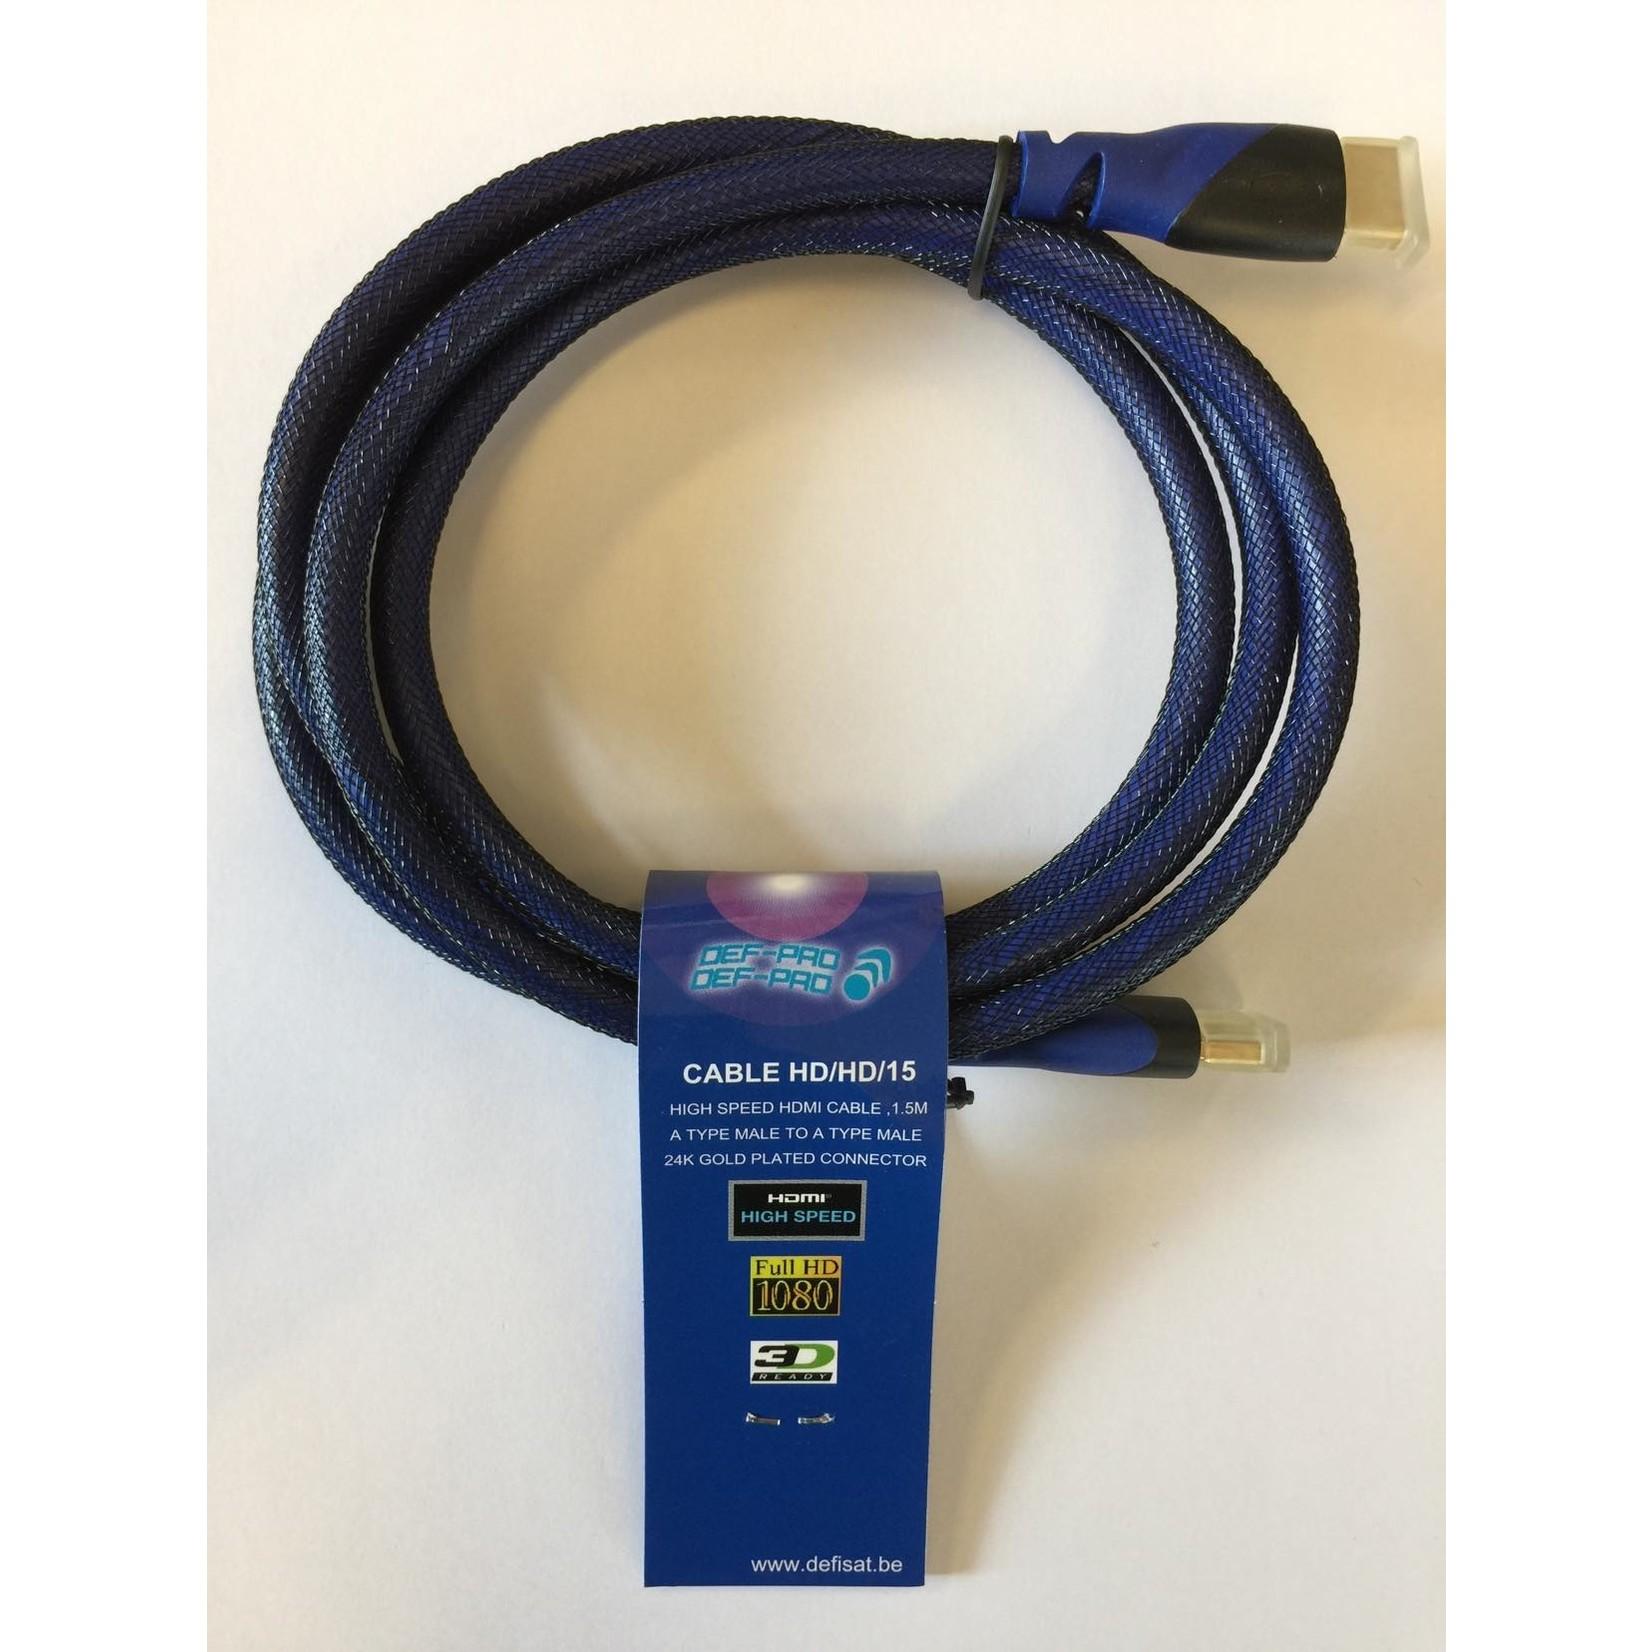 DEFISAT CABLE HDMI-HDMI - Version 1.3B de 1m50 - VRAC